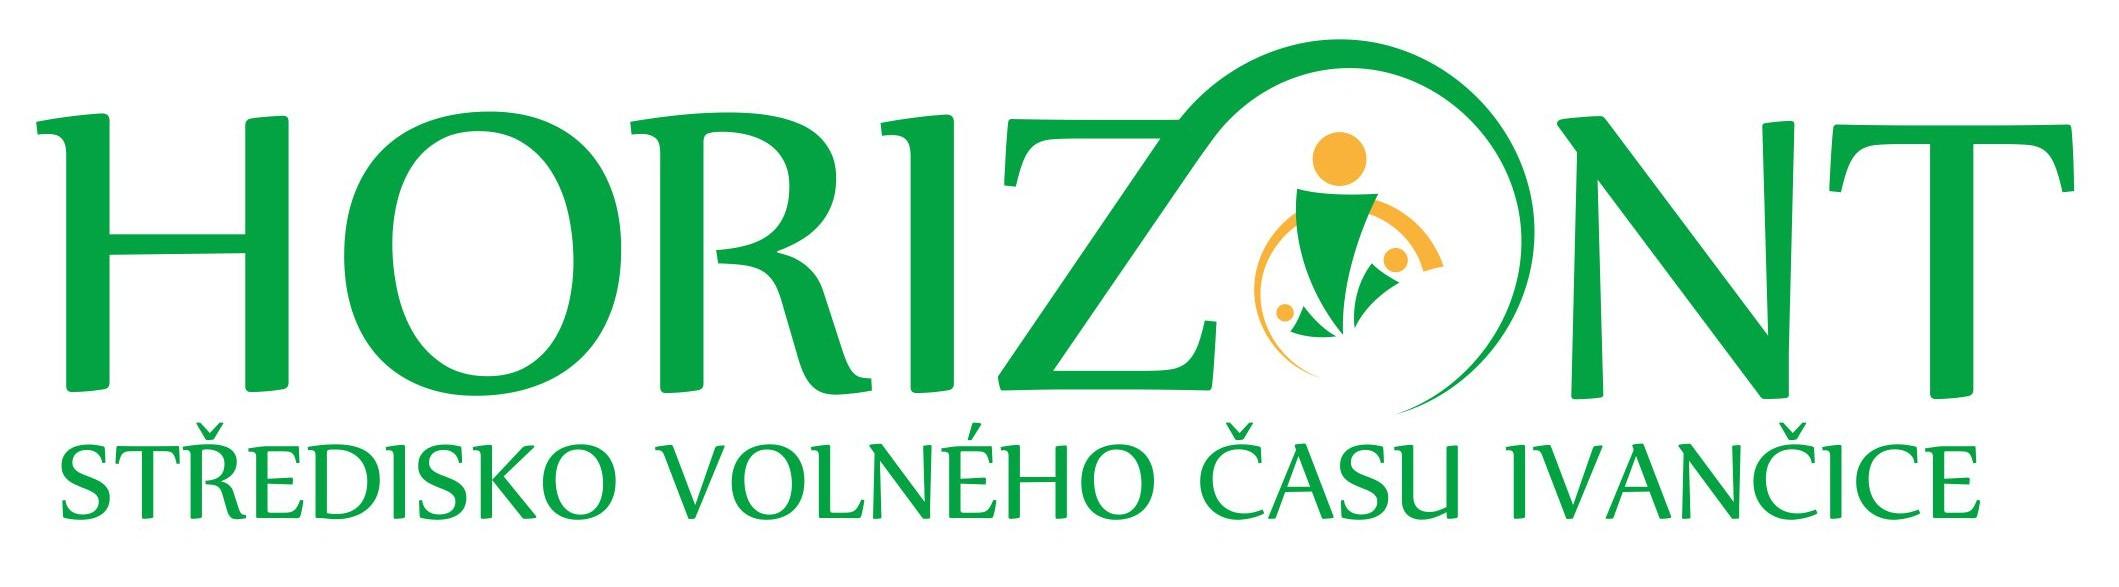 logo_horizont_barevne_s_napisem